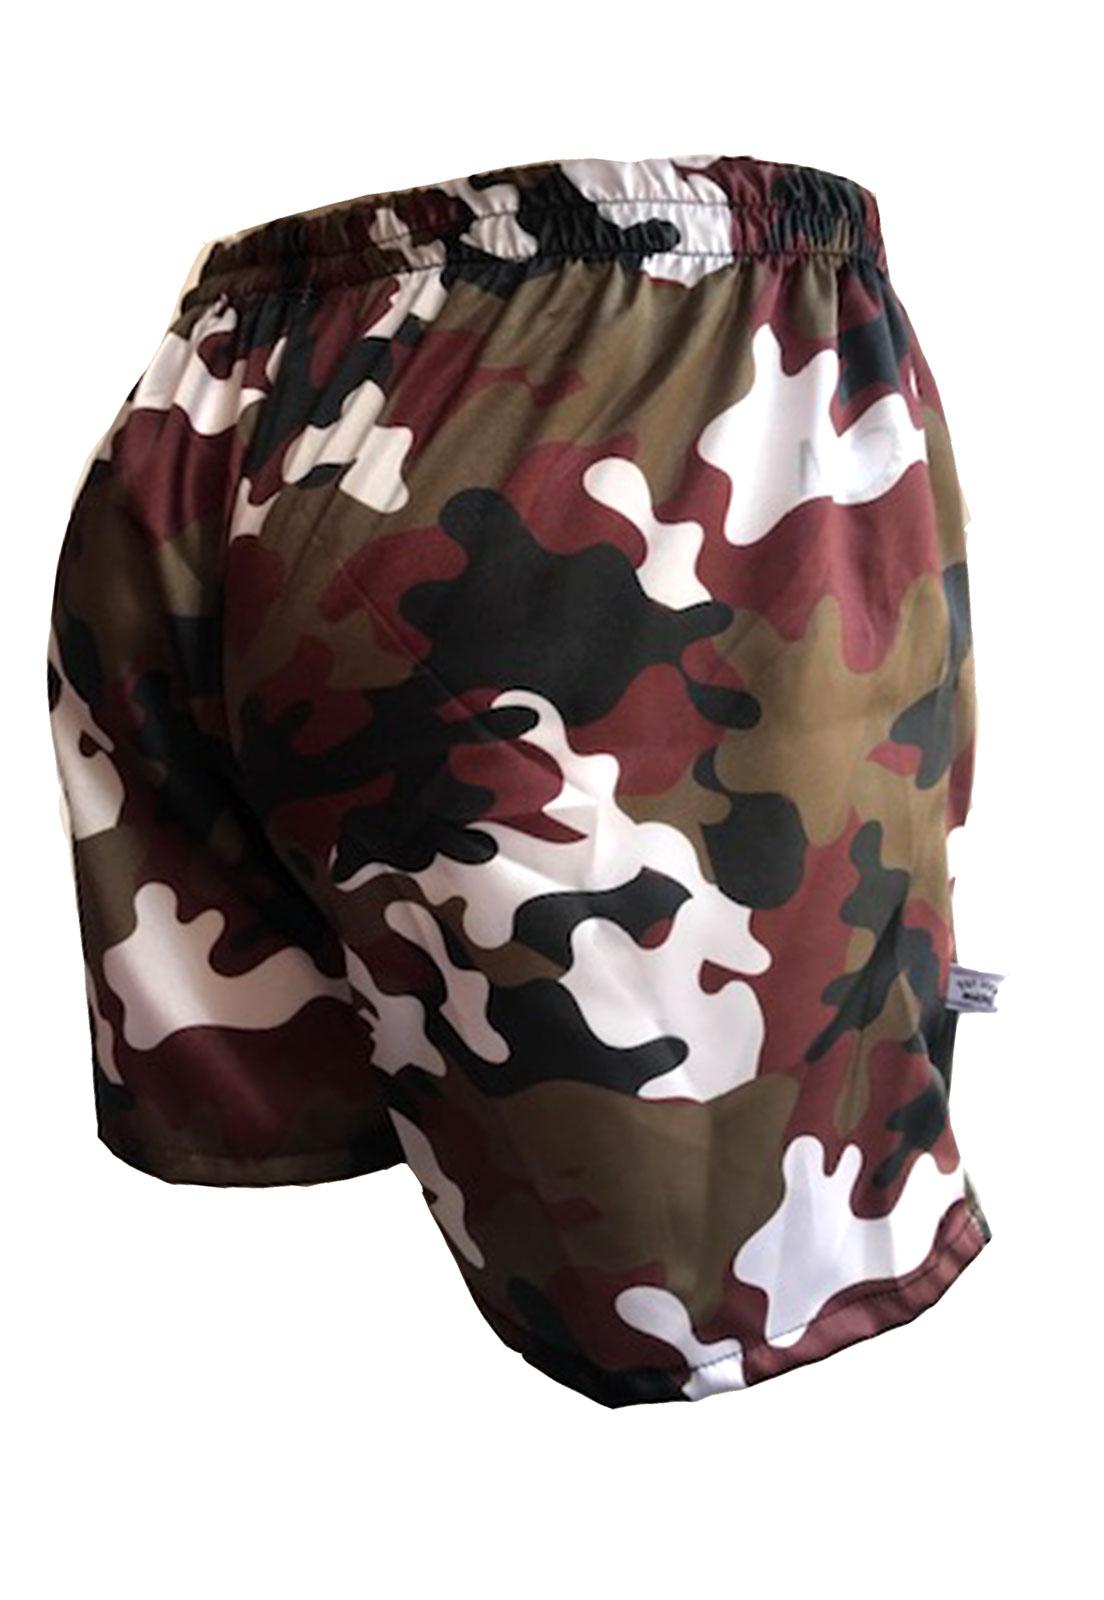 Cueca Shorts - Samba Canção Thais Gusmão Masculino Militar Savana